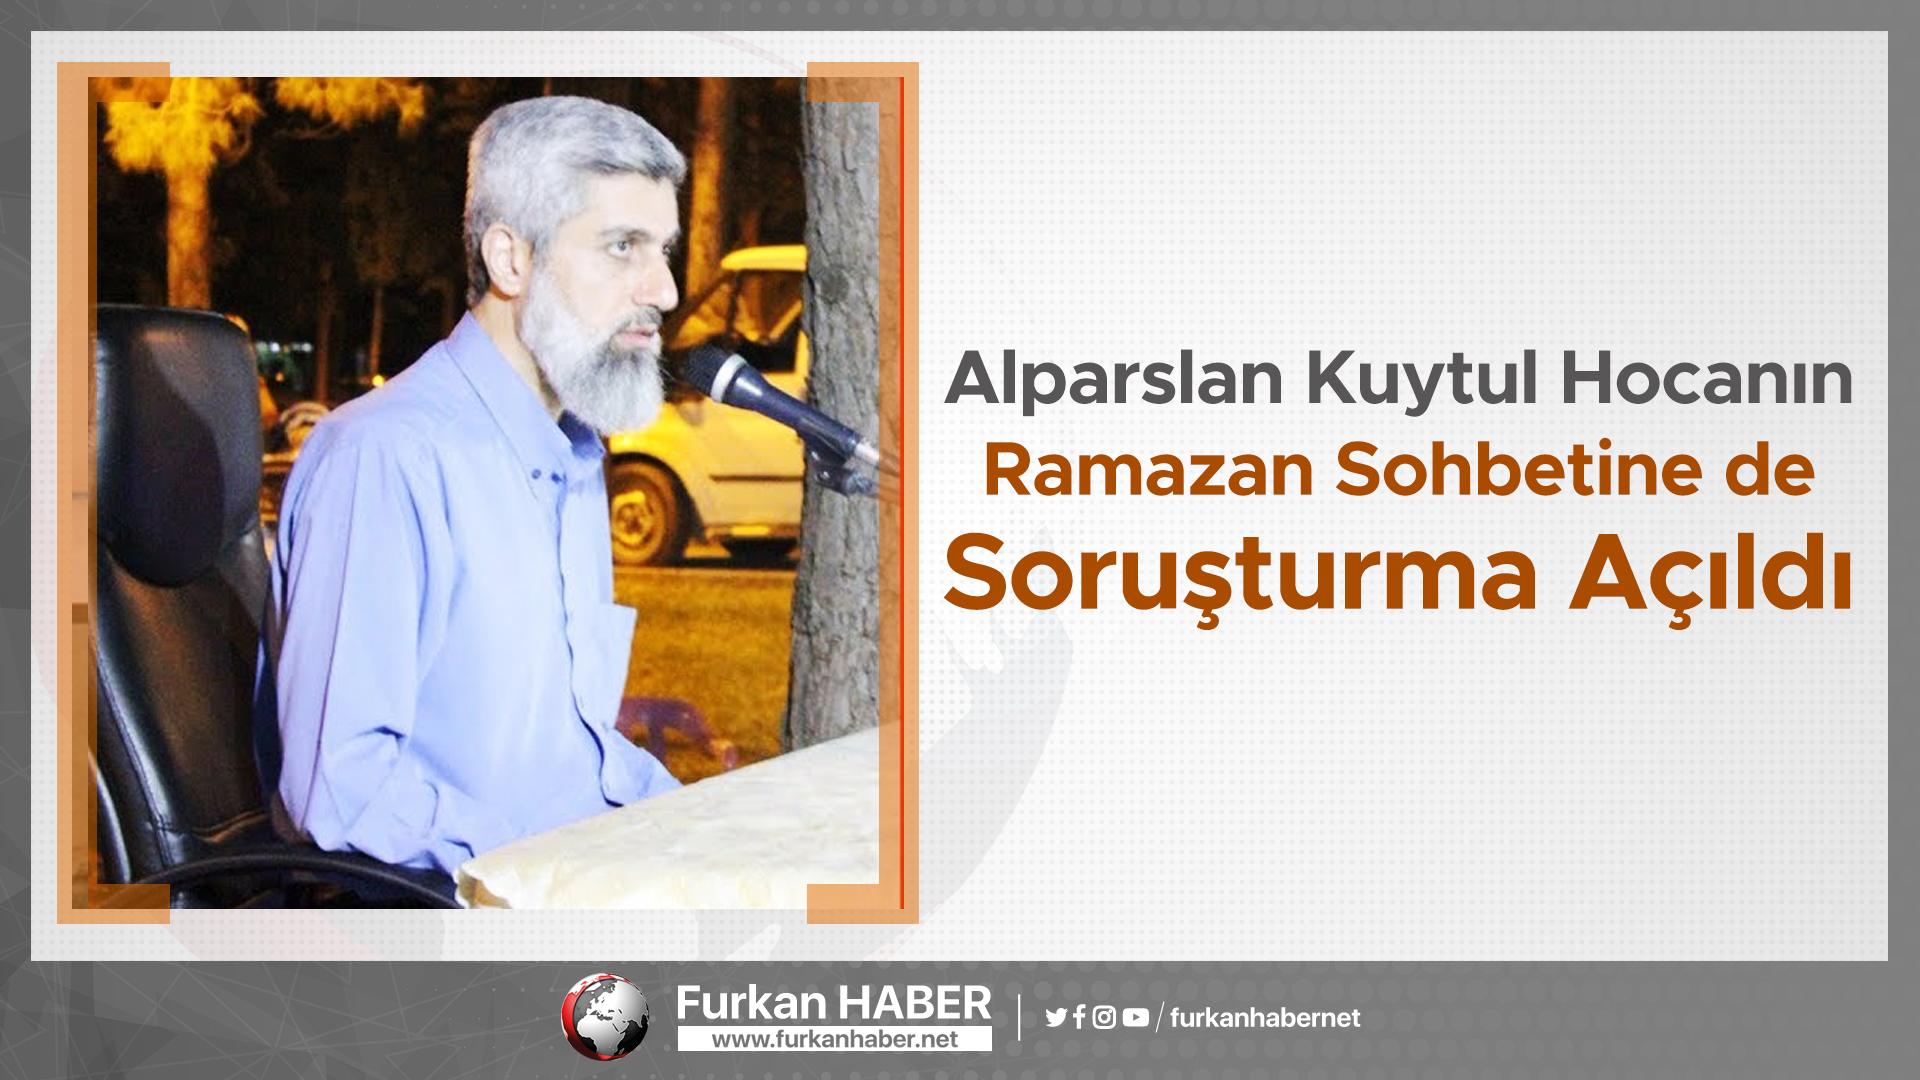 Alparslan Kuytul Hocanın Ramazan Sohbetine de Soruşturma Açıldı